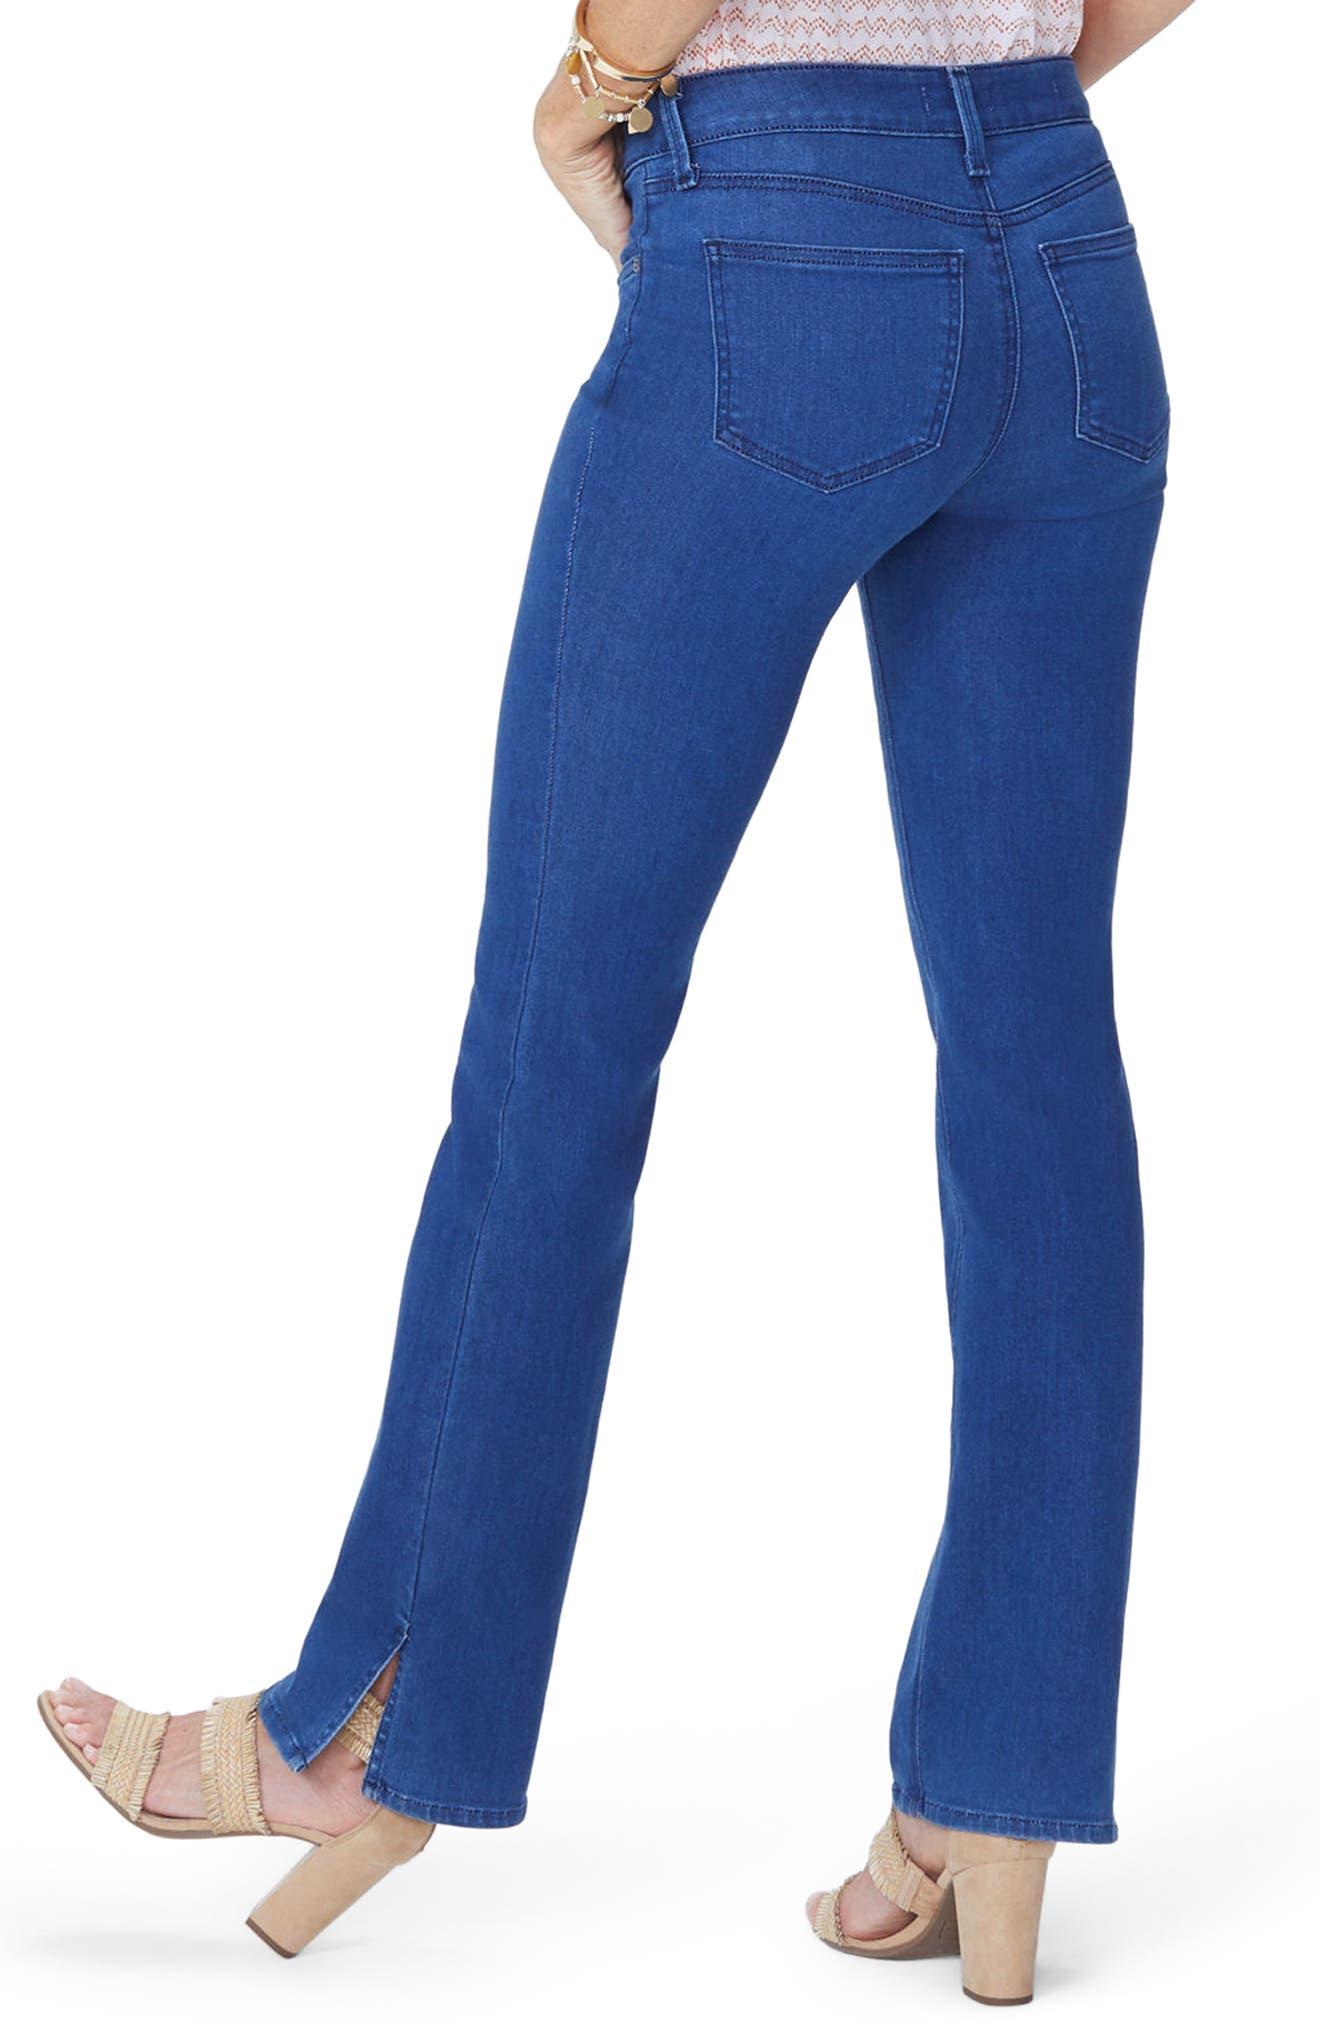 Billie Side Slit Mini Bootcut Jeans,                             Alternate thumbnail 2, color,                             Spectre